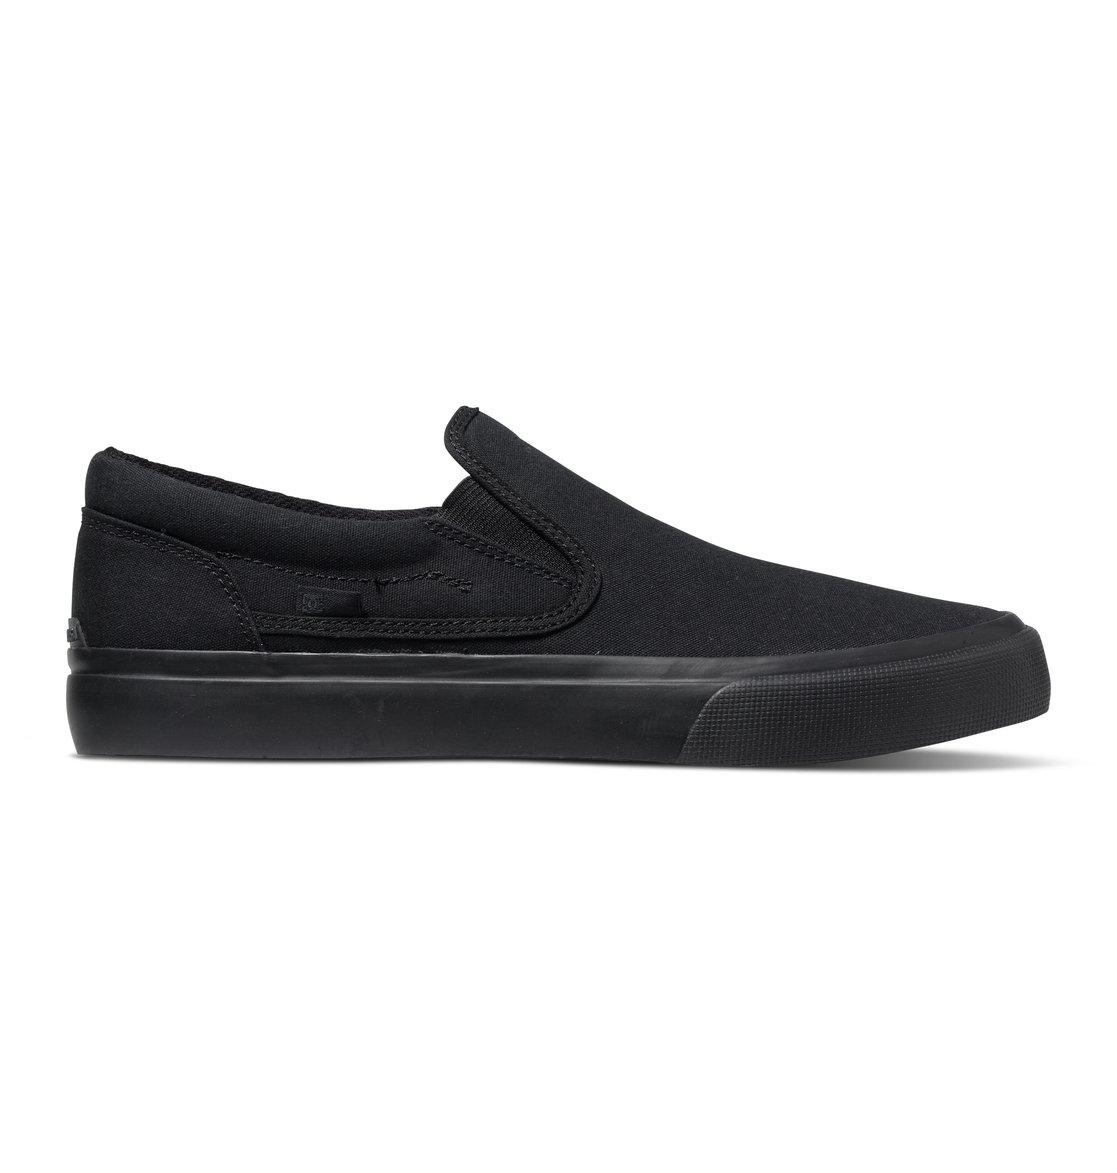 DC - Herren Trase Slip-On TX Slip On Schuhe, Black 3, 38 EU